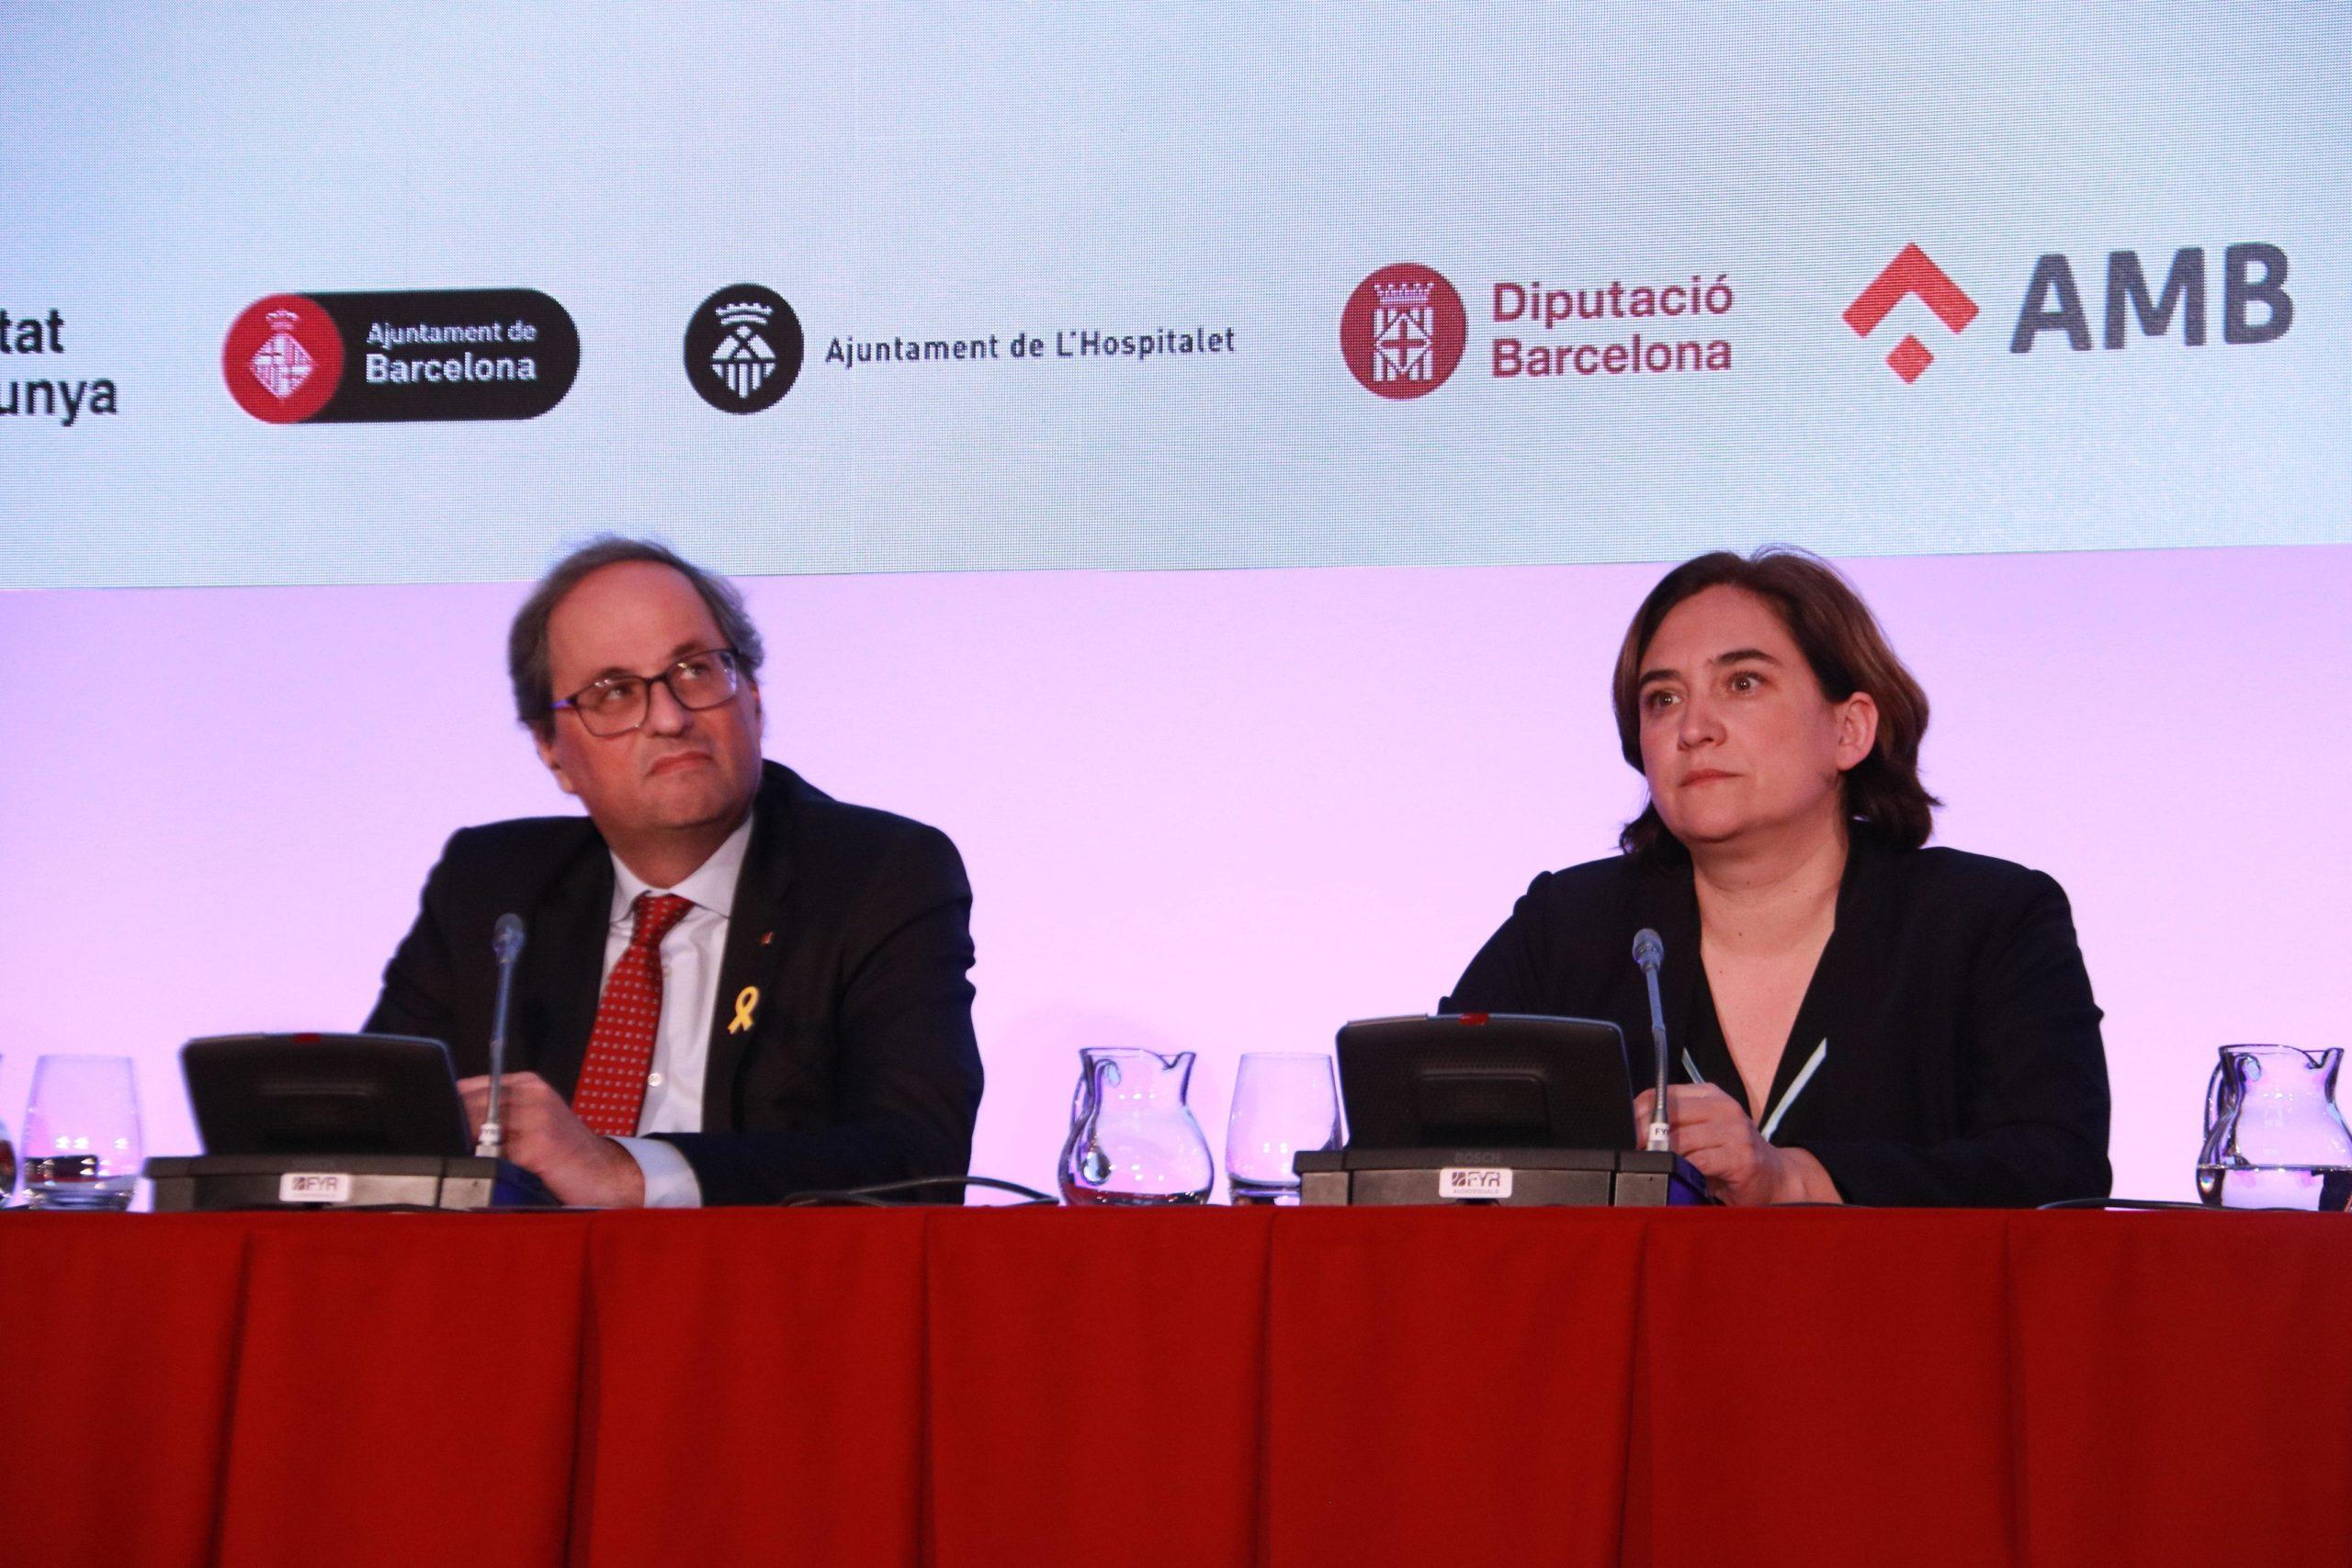 Quim Torra i Ada Colau en una roda de premsa conjunta anterior a Fira de Barcelona / AMB